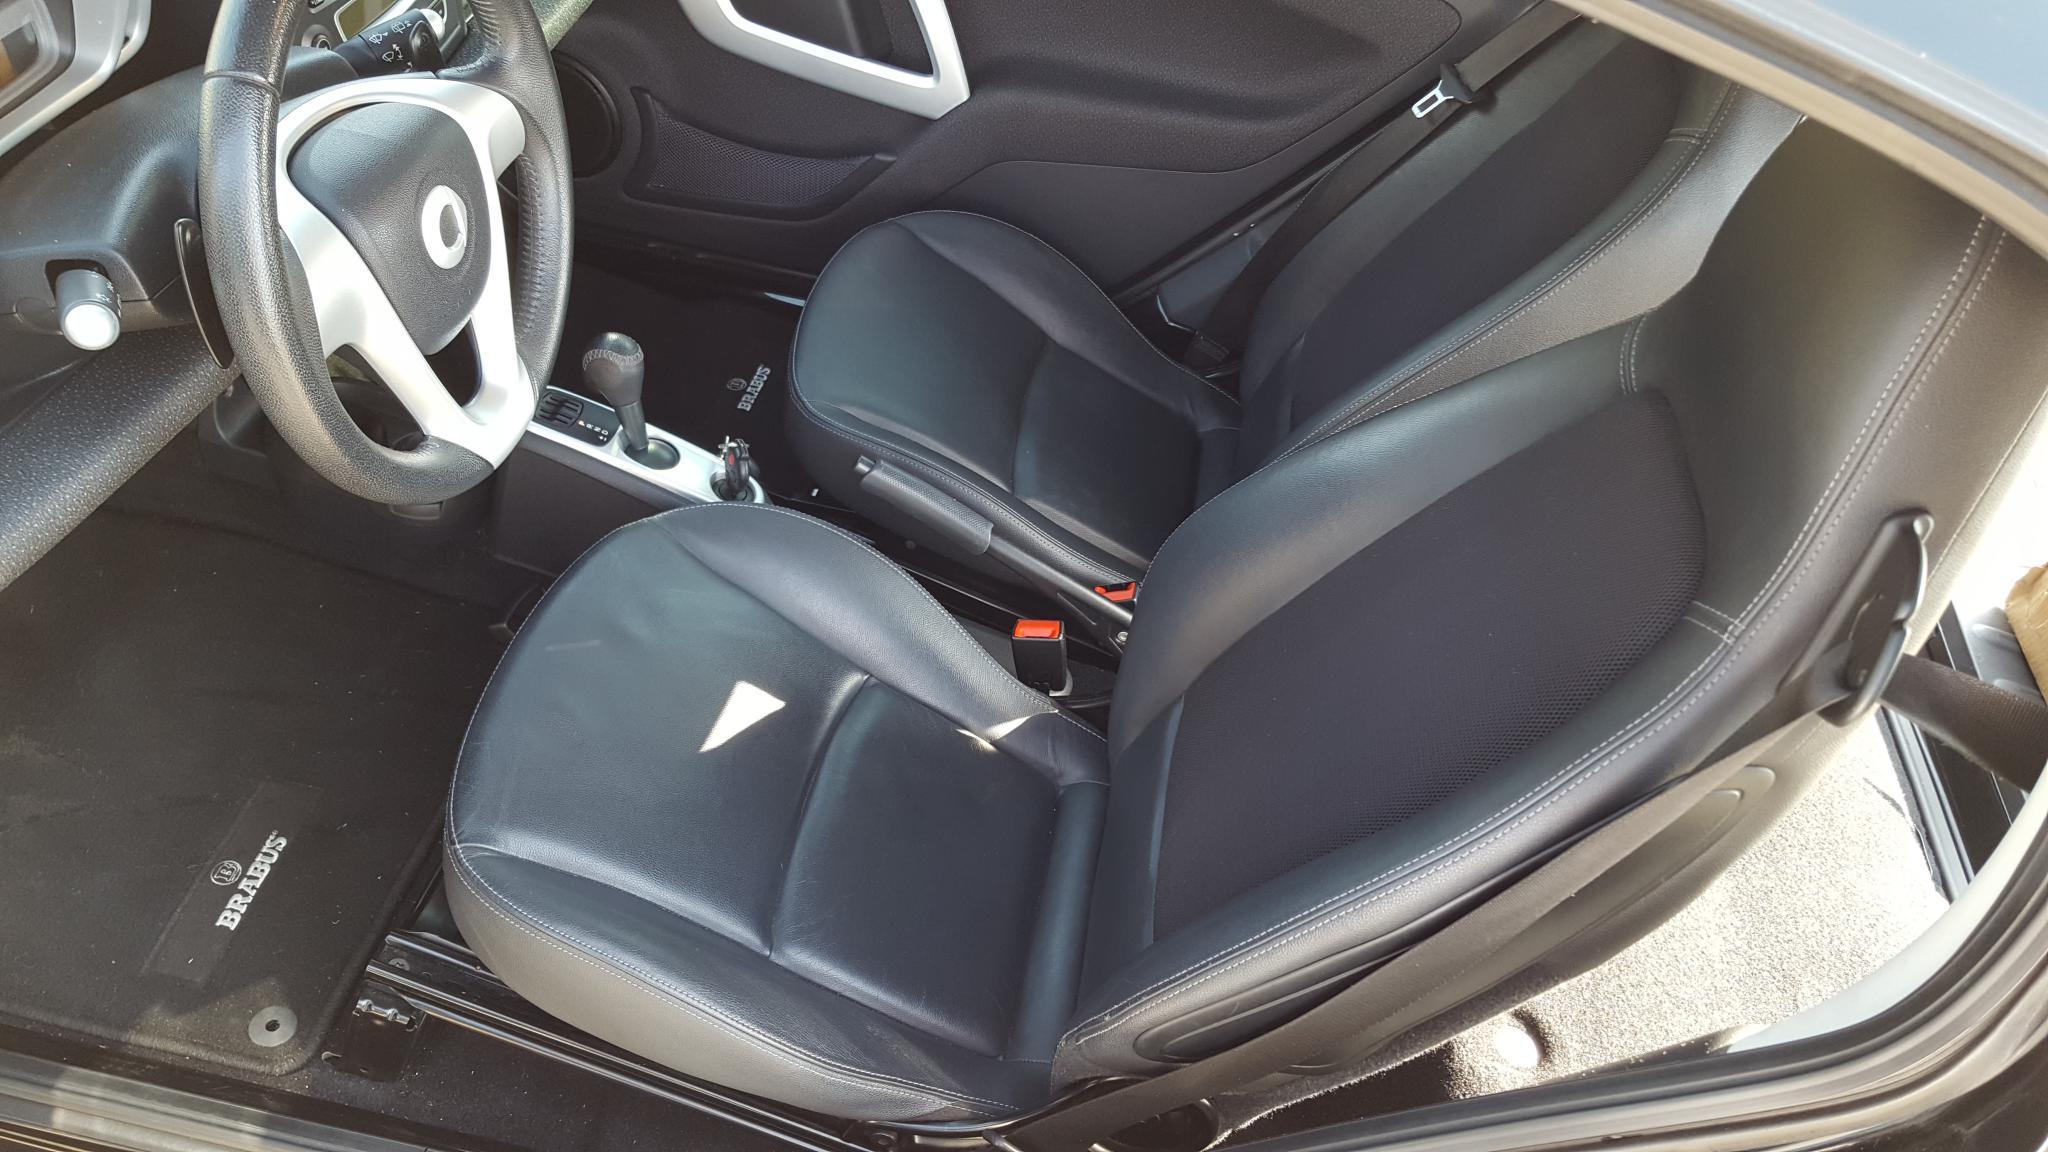 Attachments - Smart Car Forums